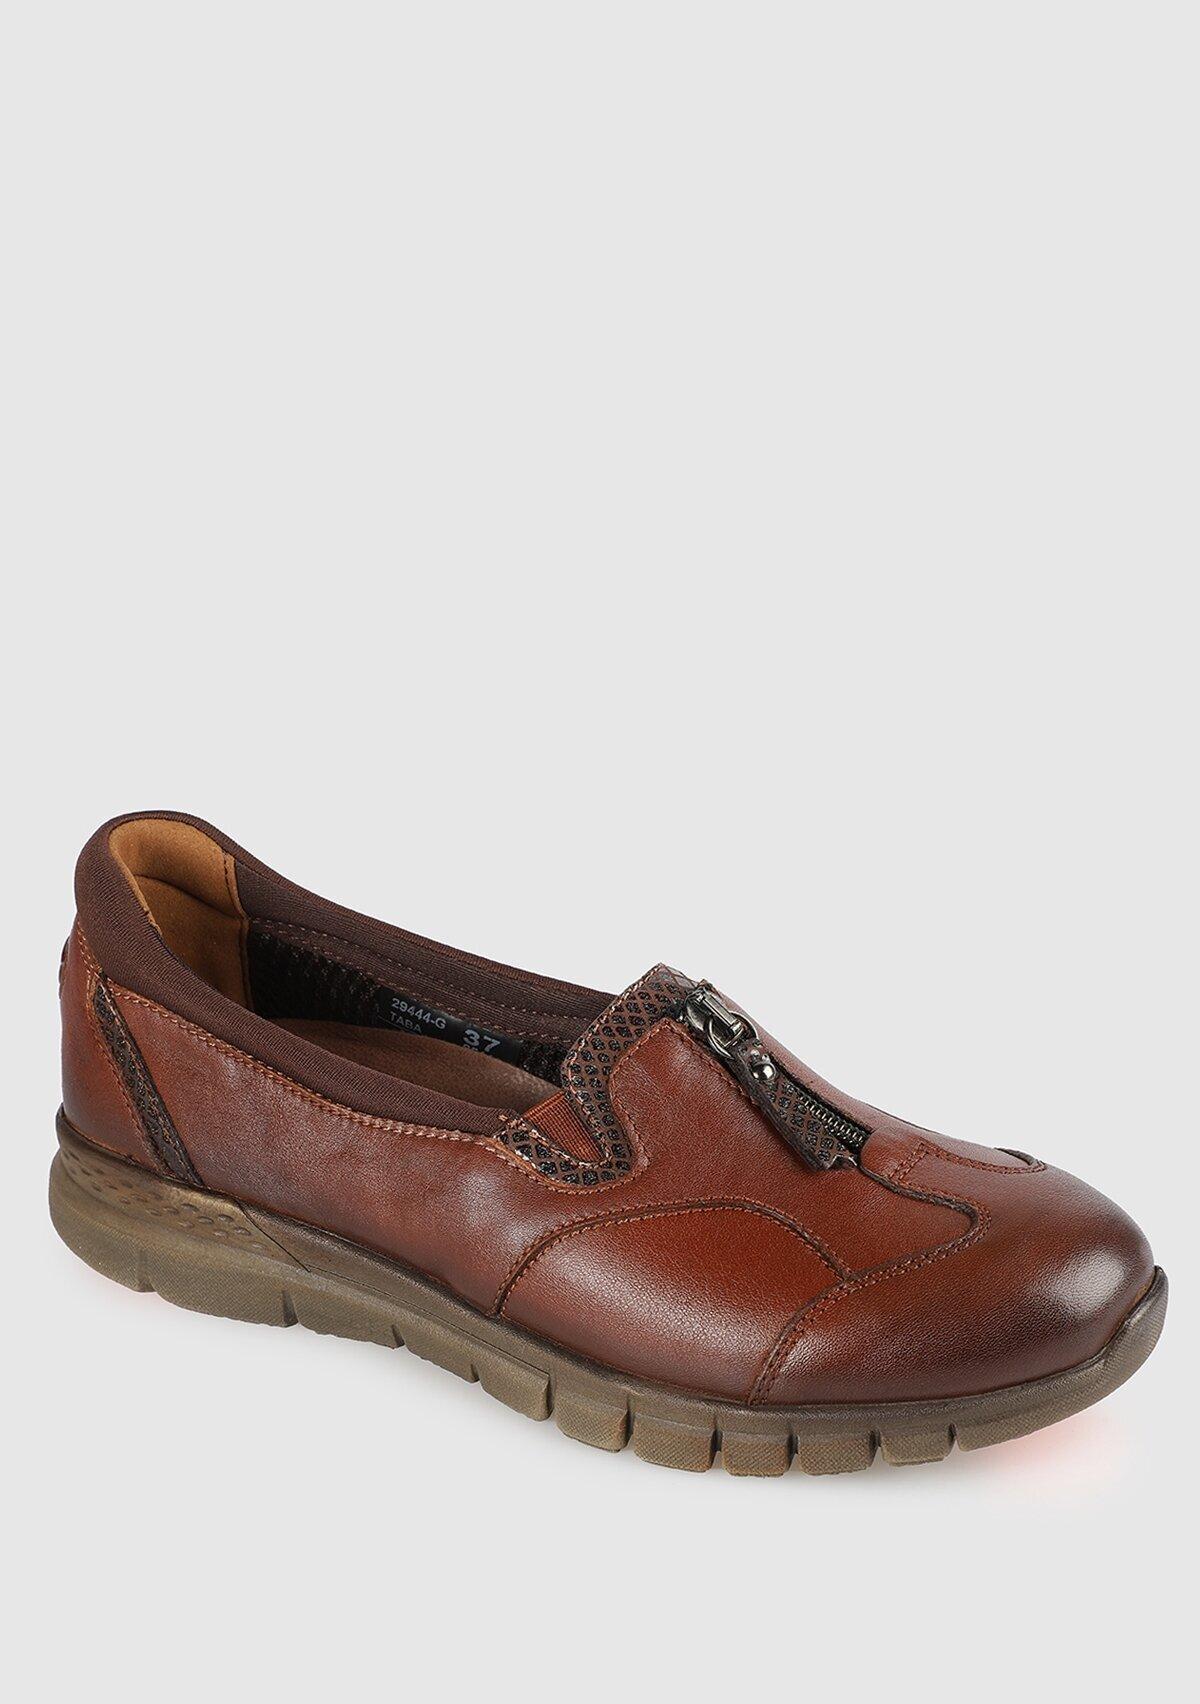 resm Taba Deri Kadın Casual Ayakkabı